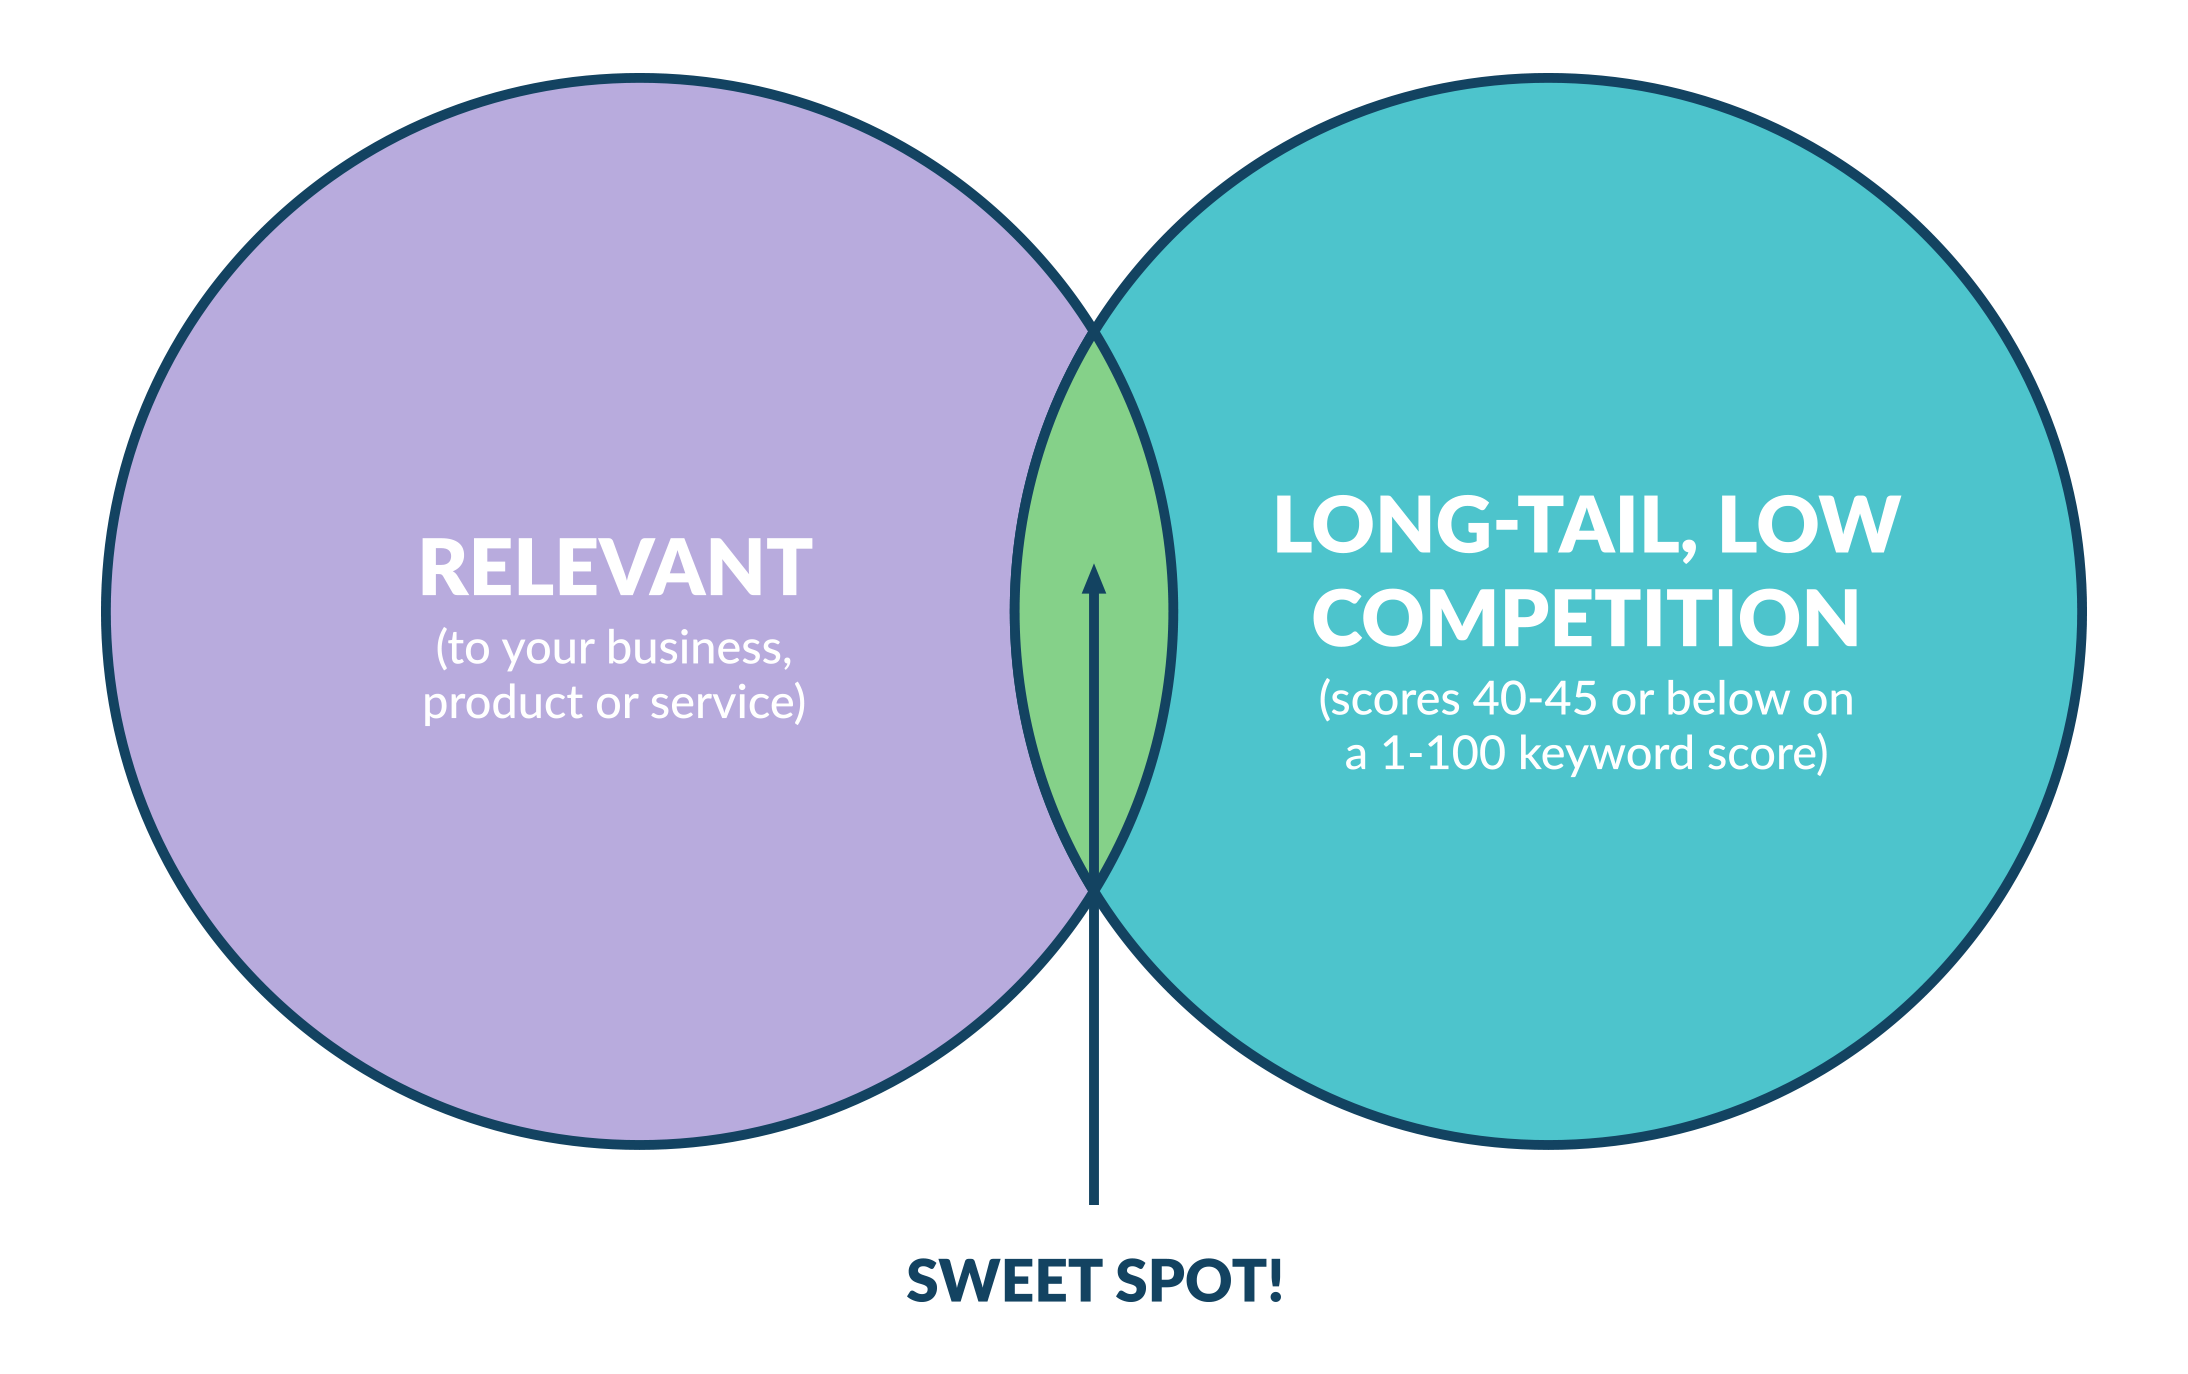 Sweet Spot - Keywords